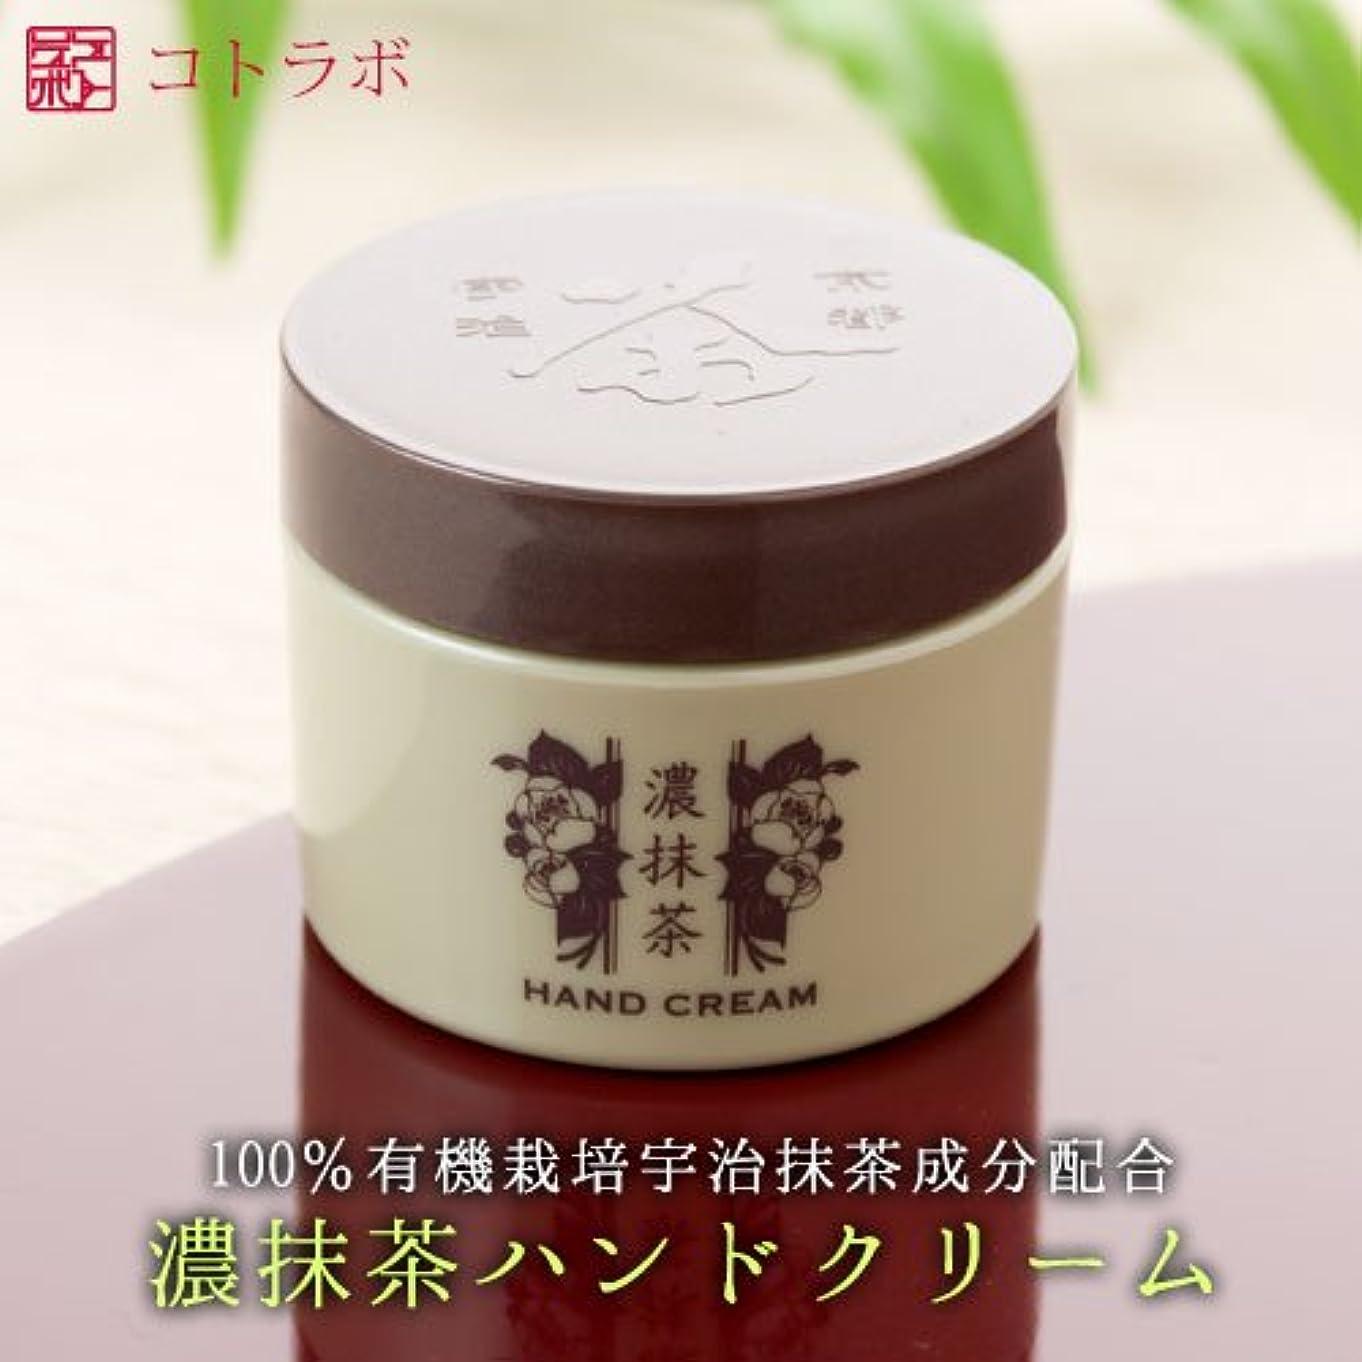 シェーバーケント免除コトラボ 濃抹茶ハンドクリーム25g 京都産宇治抹茶パウダー配合 グリーンティーフローラルの香り 京都発のスキンケアクリーム Kyoto premium hand cream, Aroma of green tea floral